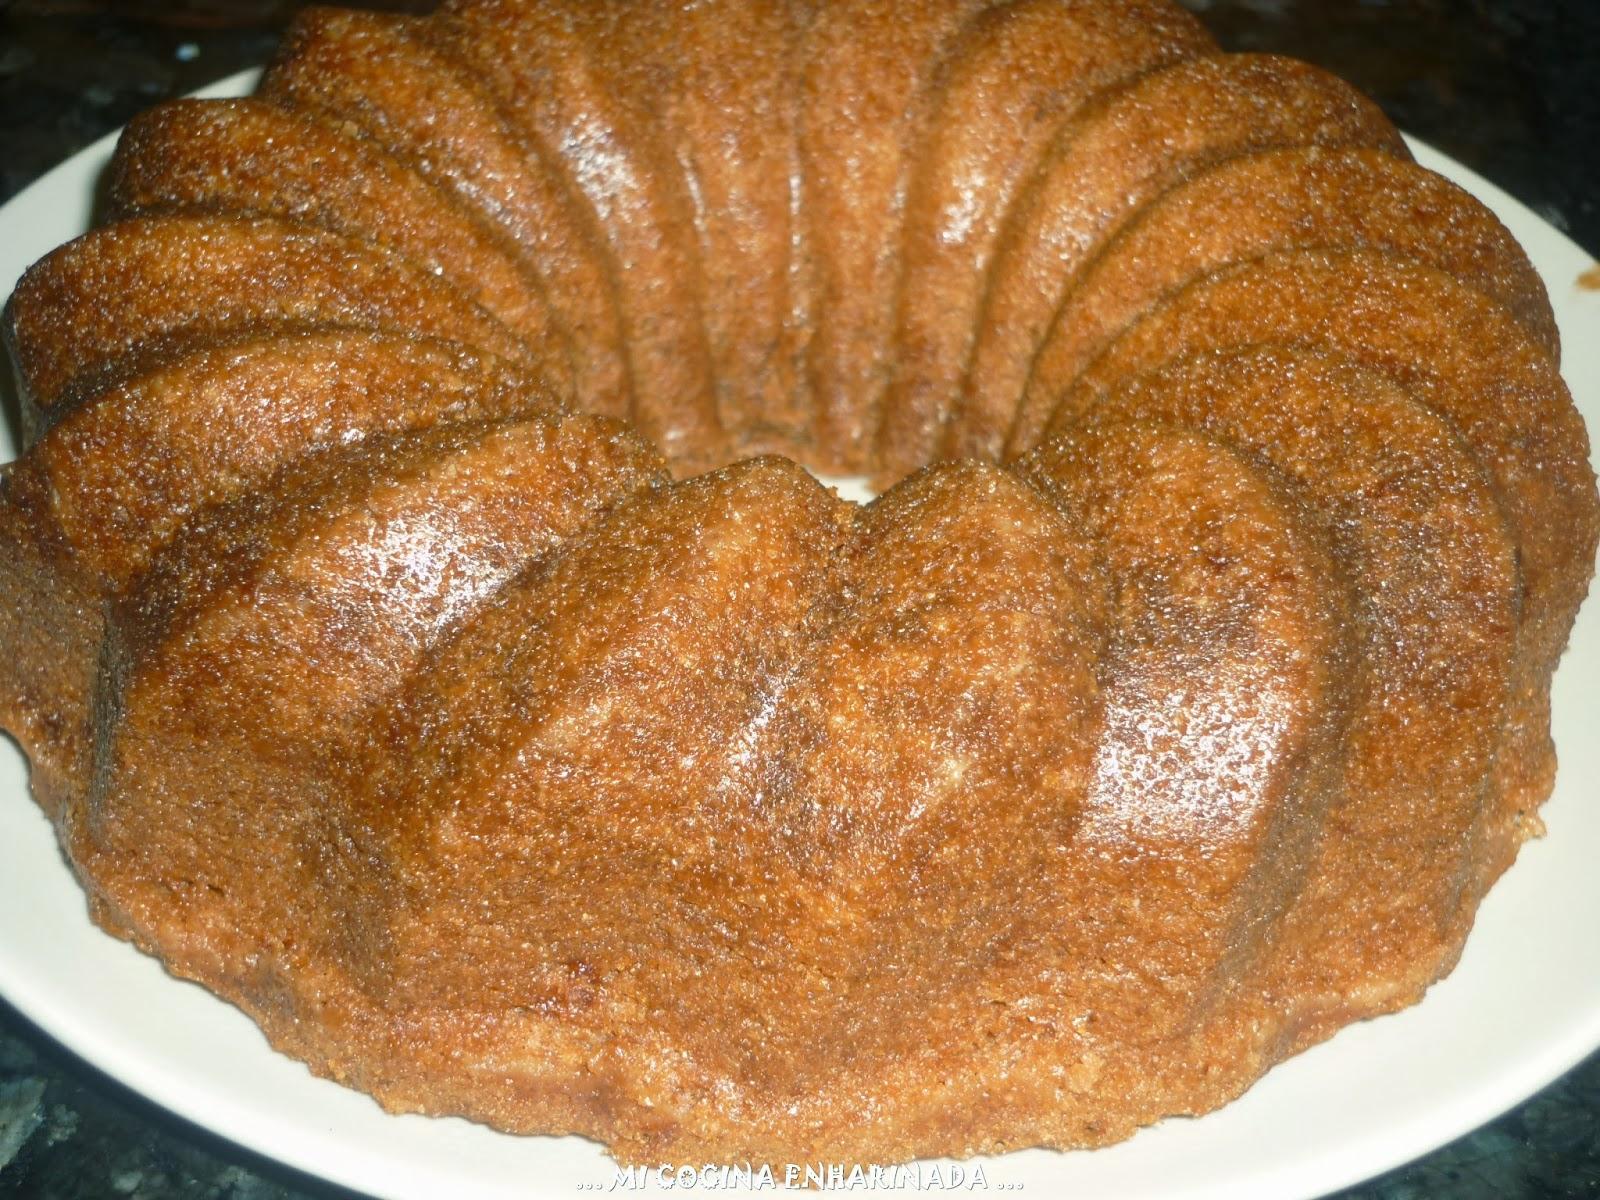 Mi cocina enharinada bizcocho de galletas pr ncipe al - Bizcocho microondas 3 minutos ...